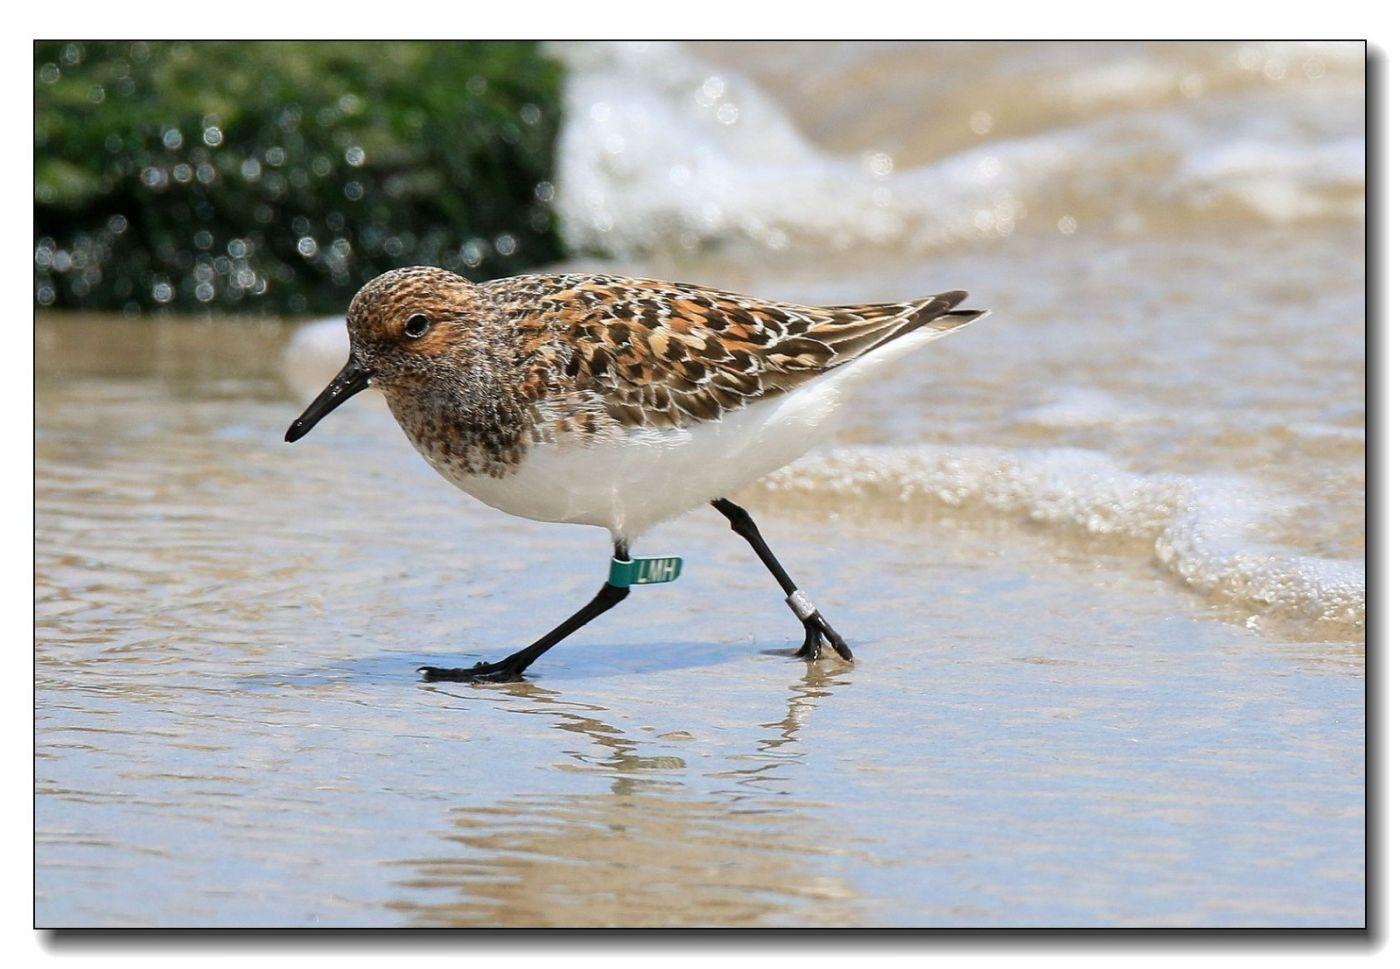 洛克威海滩拍鸟—滨鹬_图1-17